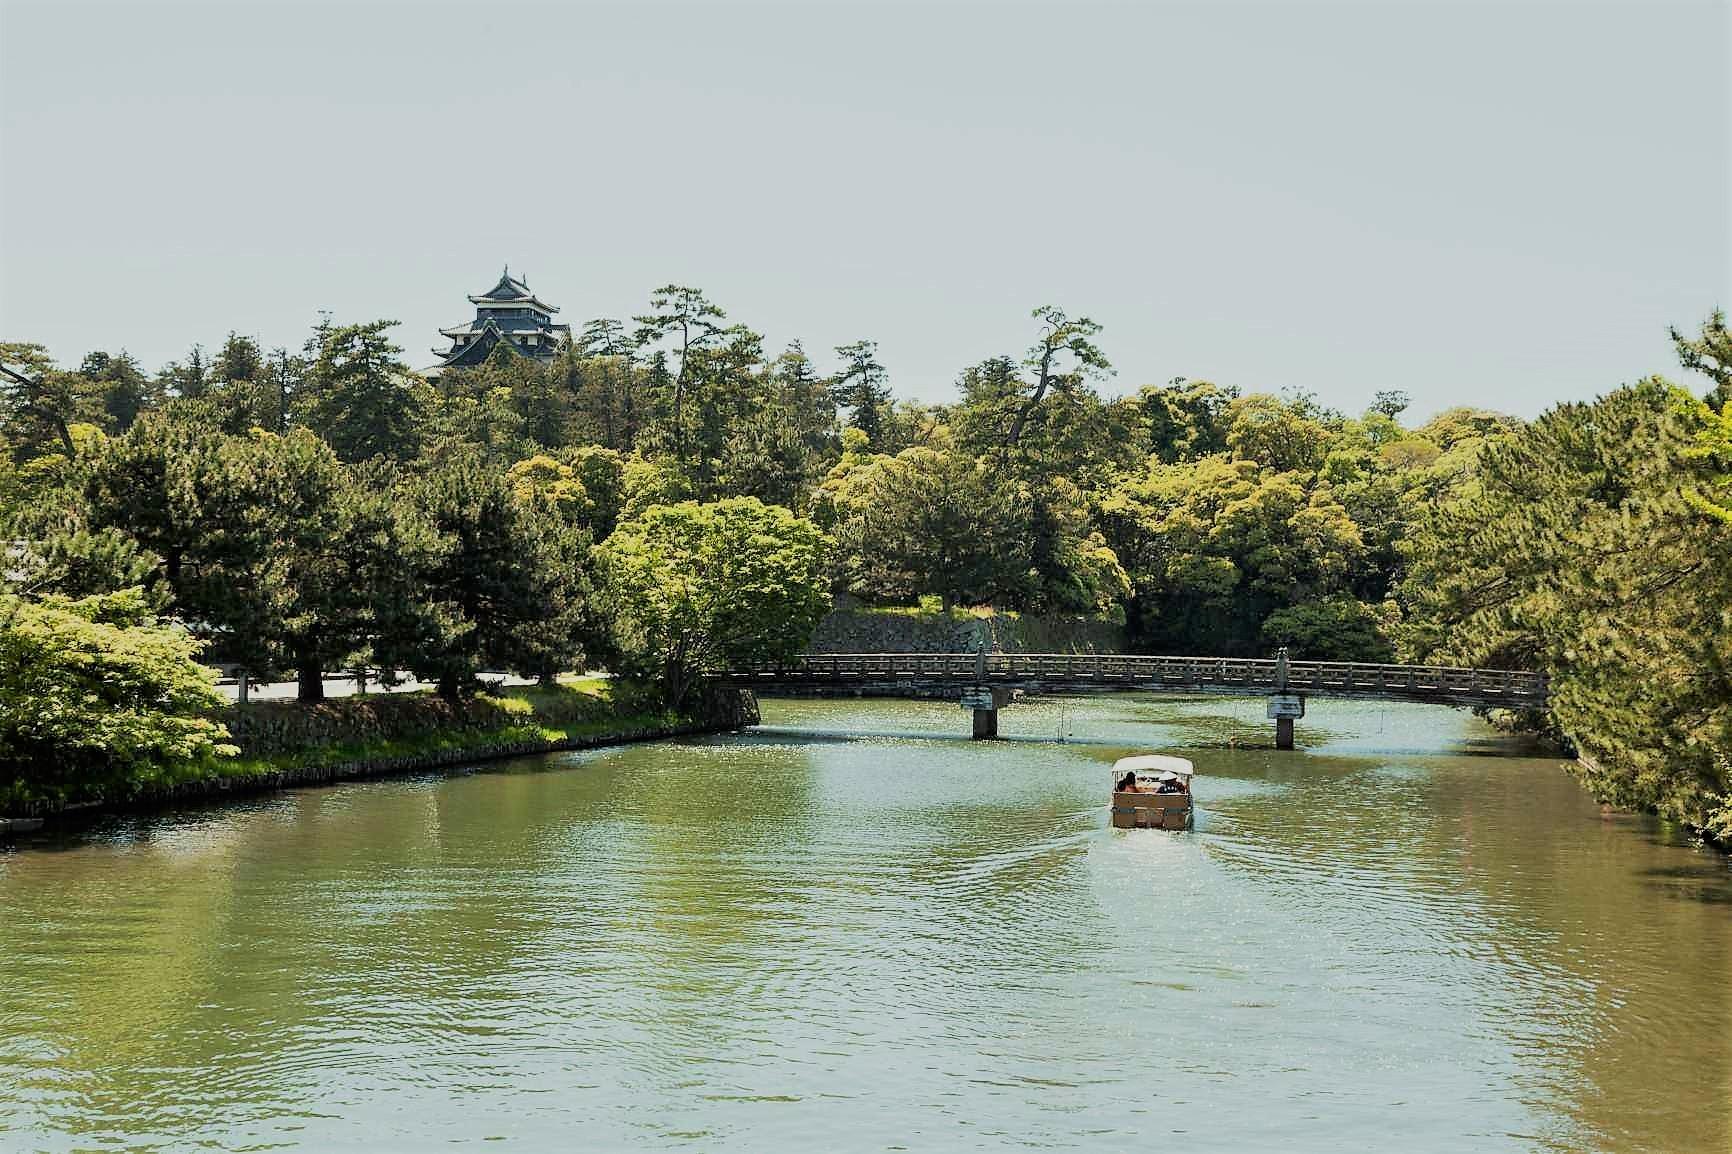 松江城の周りを囲む堀川に沿って歩きます